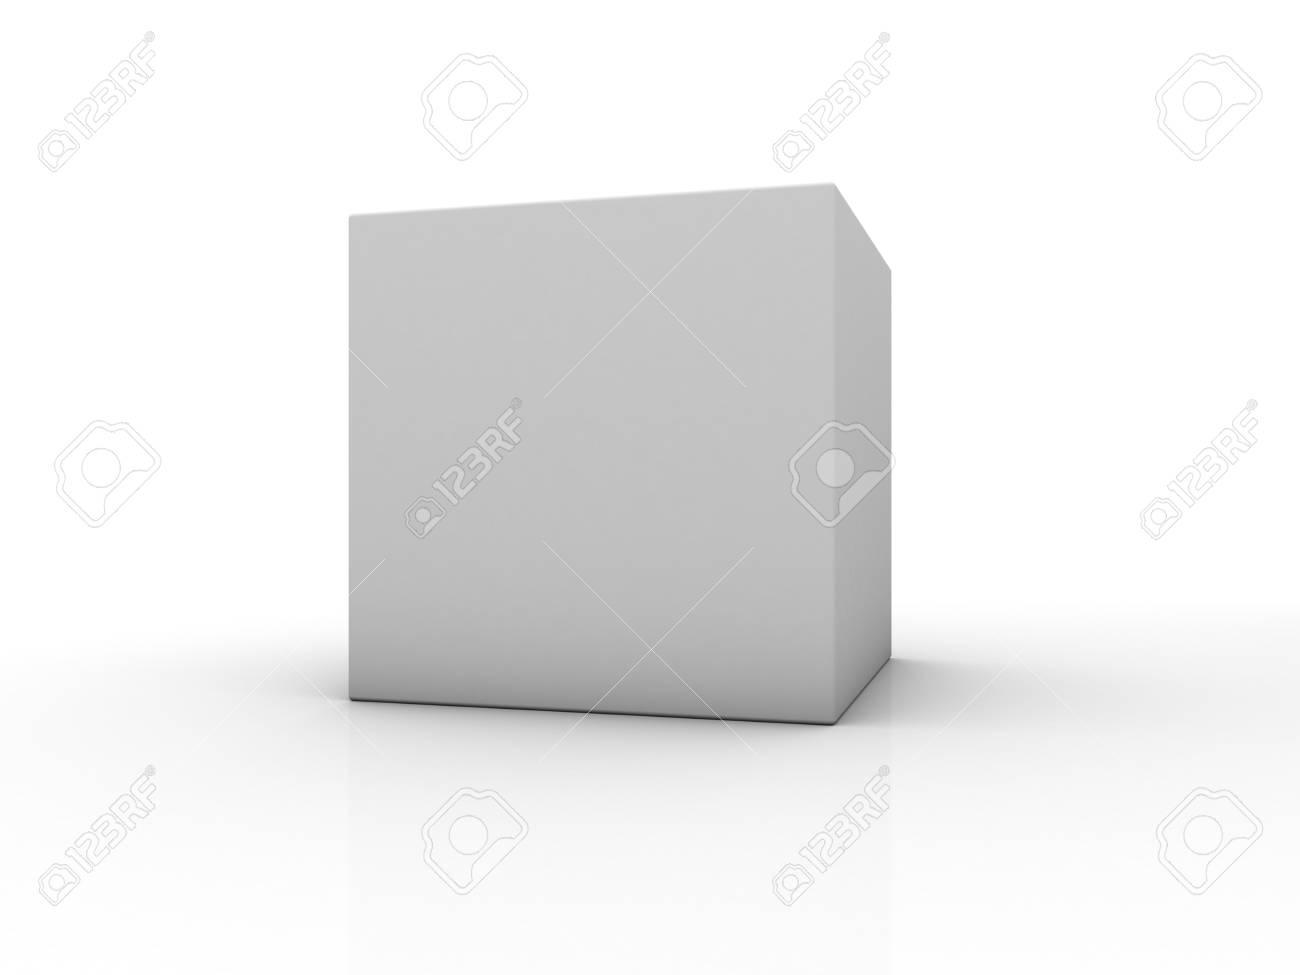 Cuadro En Blanco Sobre Fondo Blanco Con La Reflexion Representacion